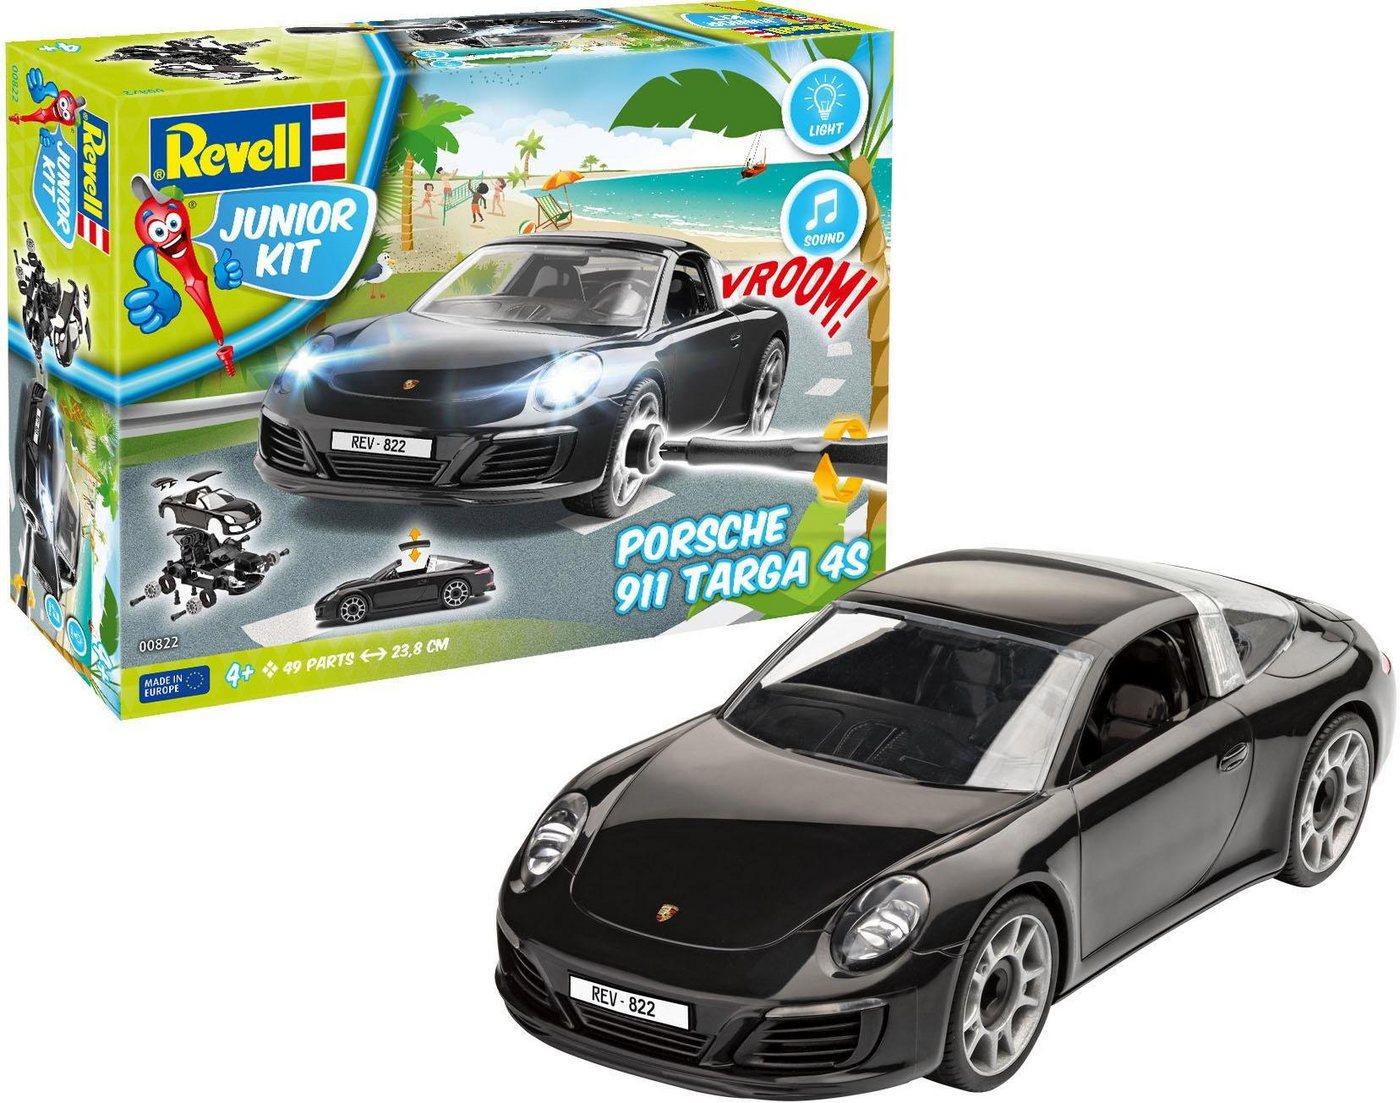 Revell Modellbausatz Auto mit Licht und Sound, »Junior Kit Porsche 911 Targa 4S«